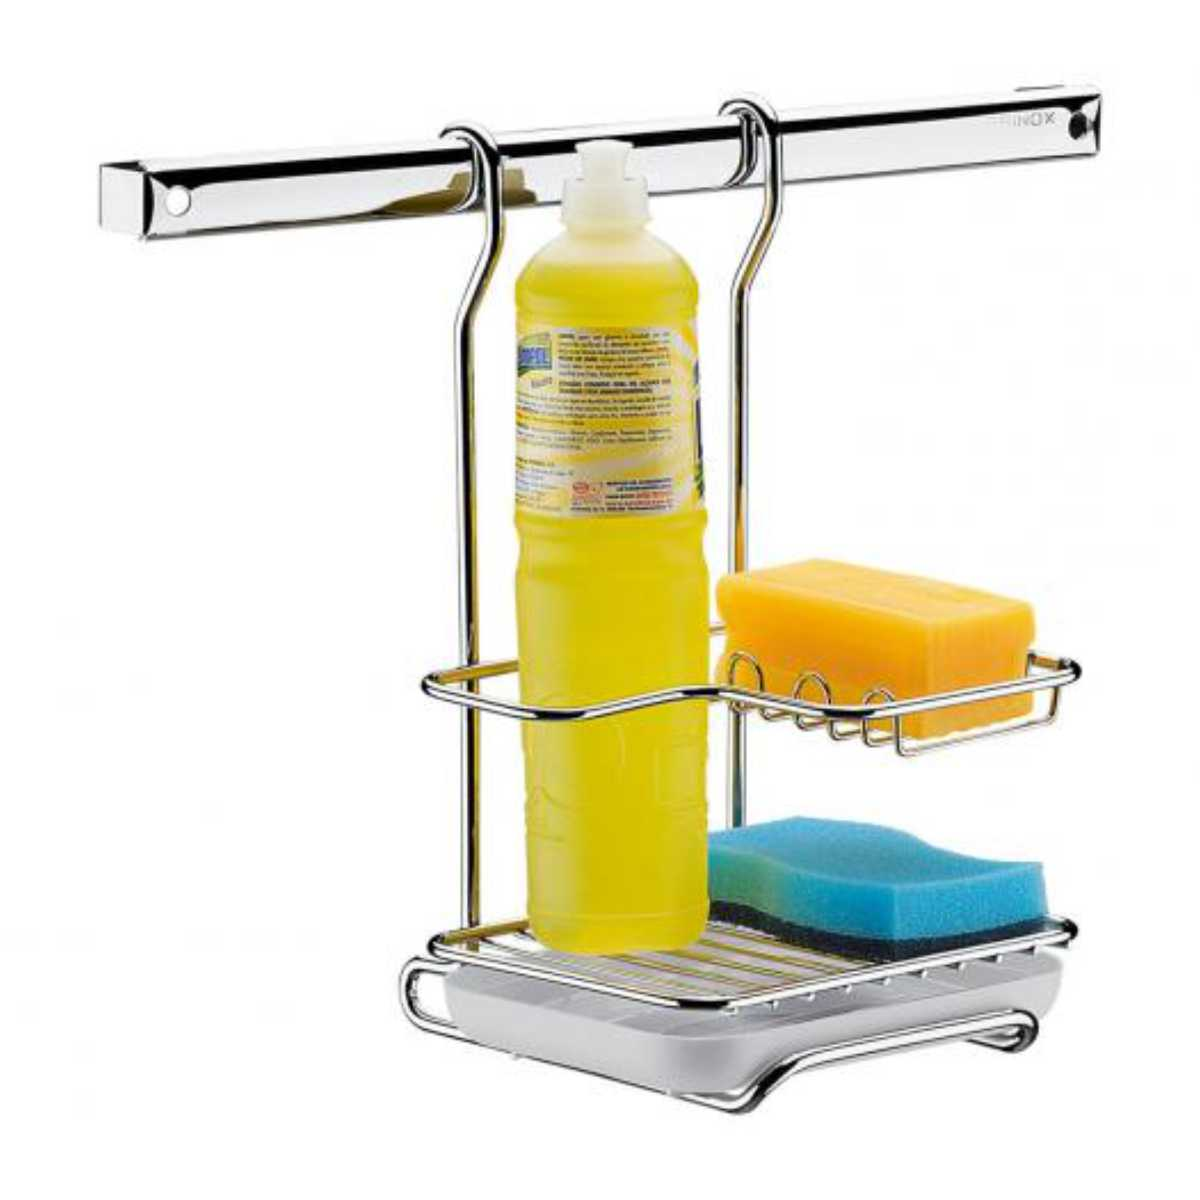 Suporte de Parede Para Sabão, Detergente e Esponja Brinox Top Pratic 2200/012